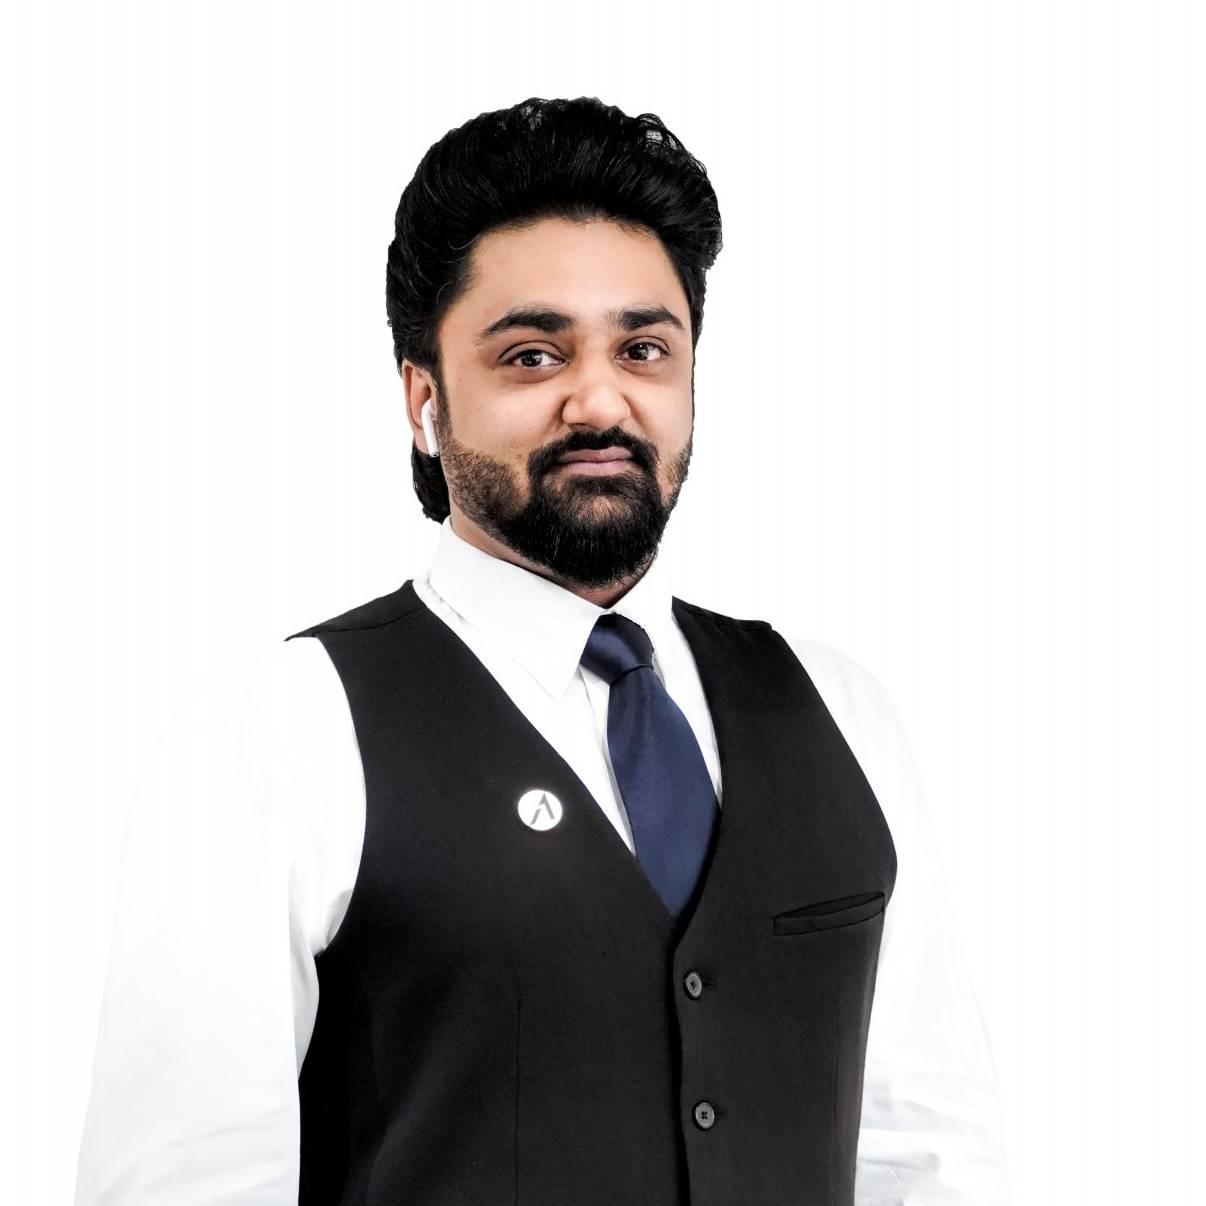 Zohaeb Tariq